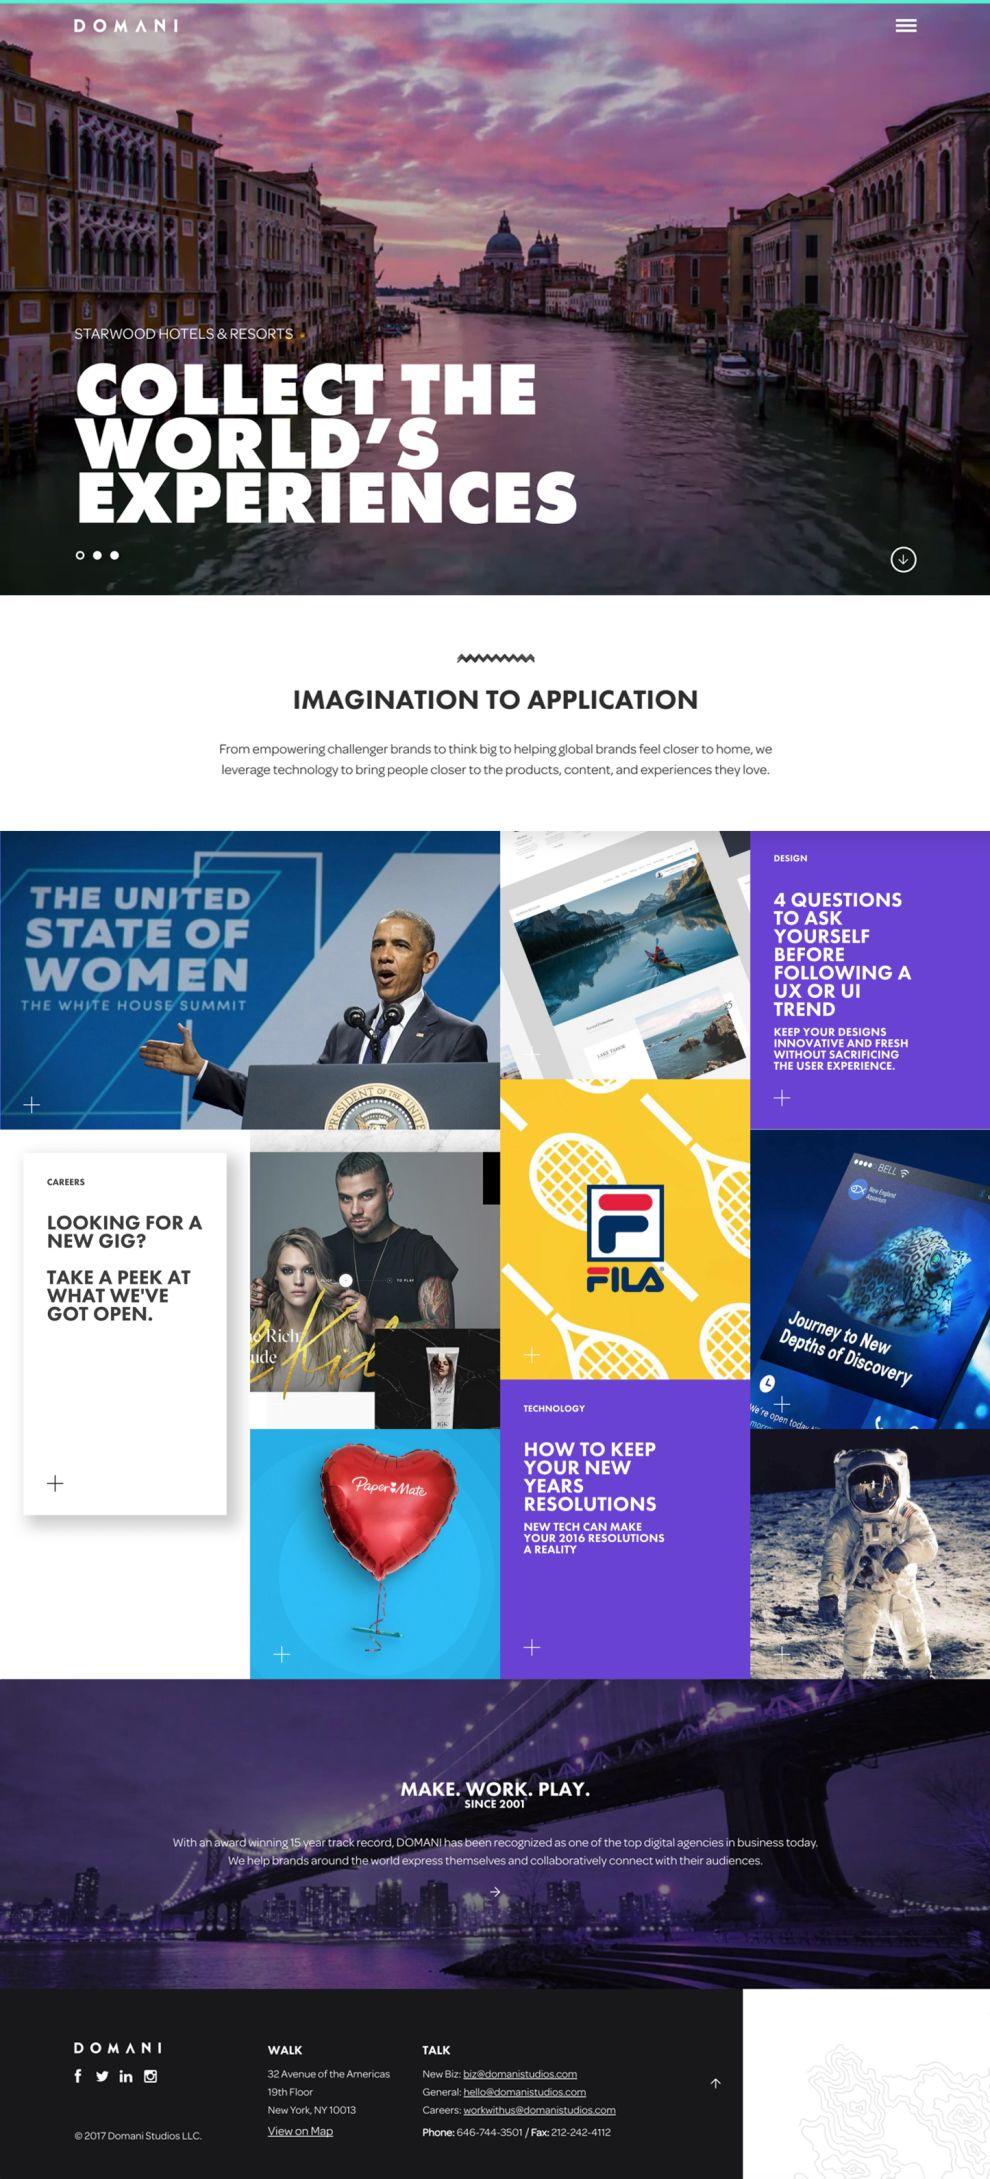 Domani Beautiful Website Design